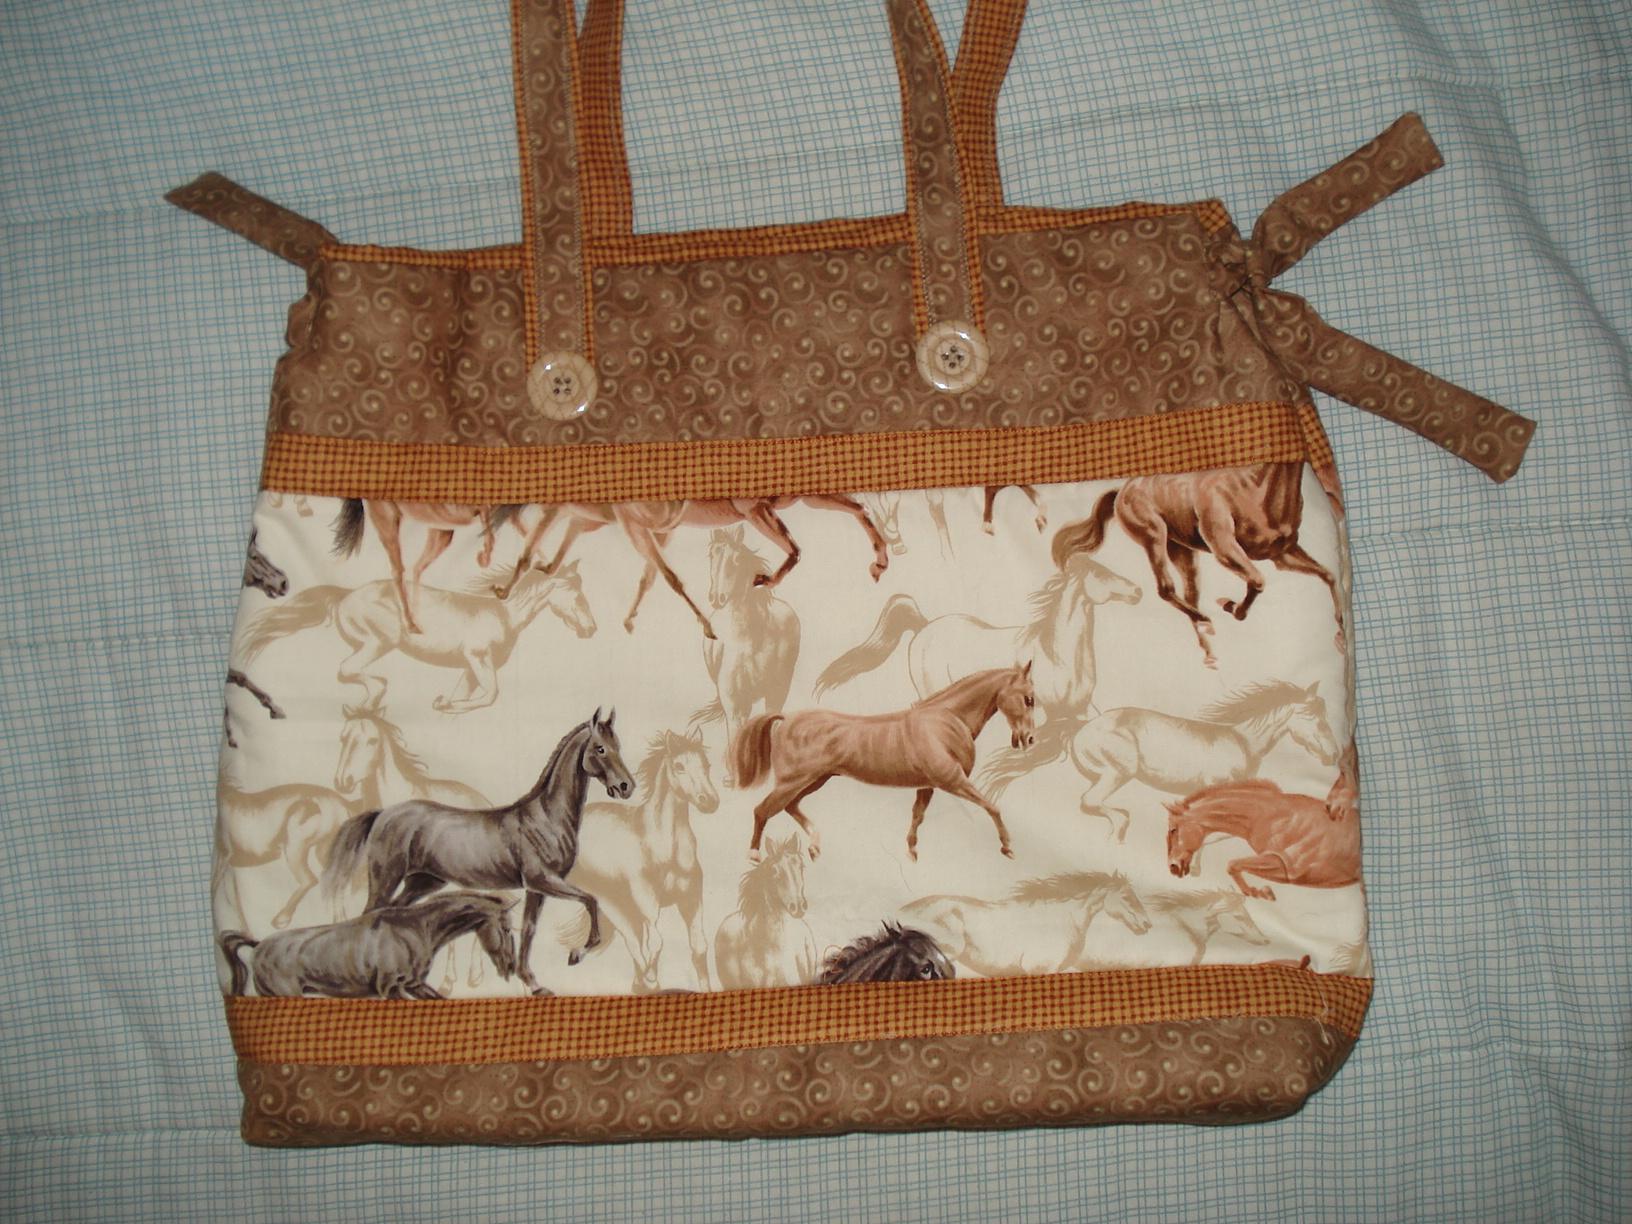 Bolsa De Tecido Linda : Bolsa de tecido com cavalos hipismo co